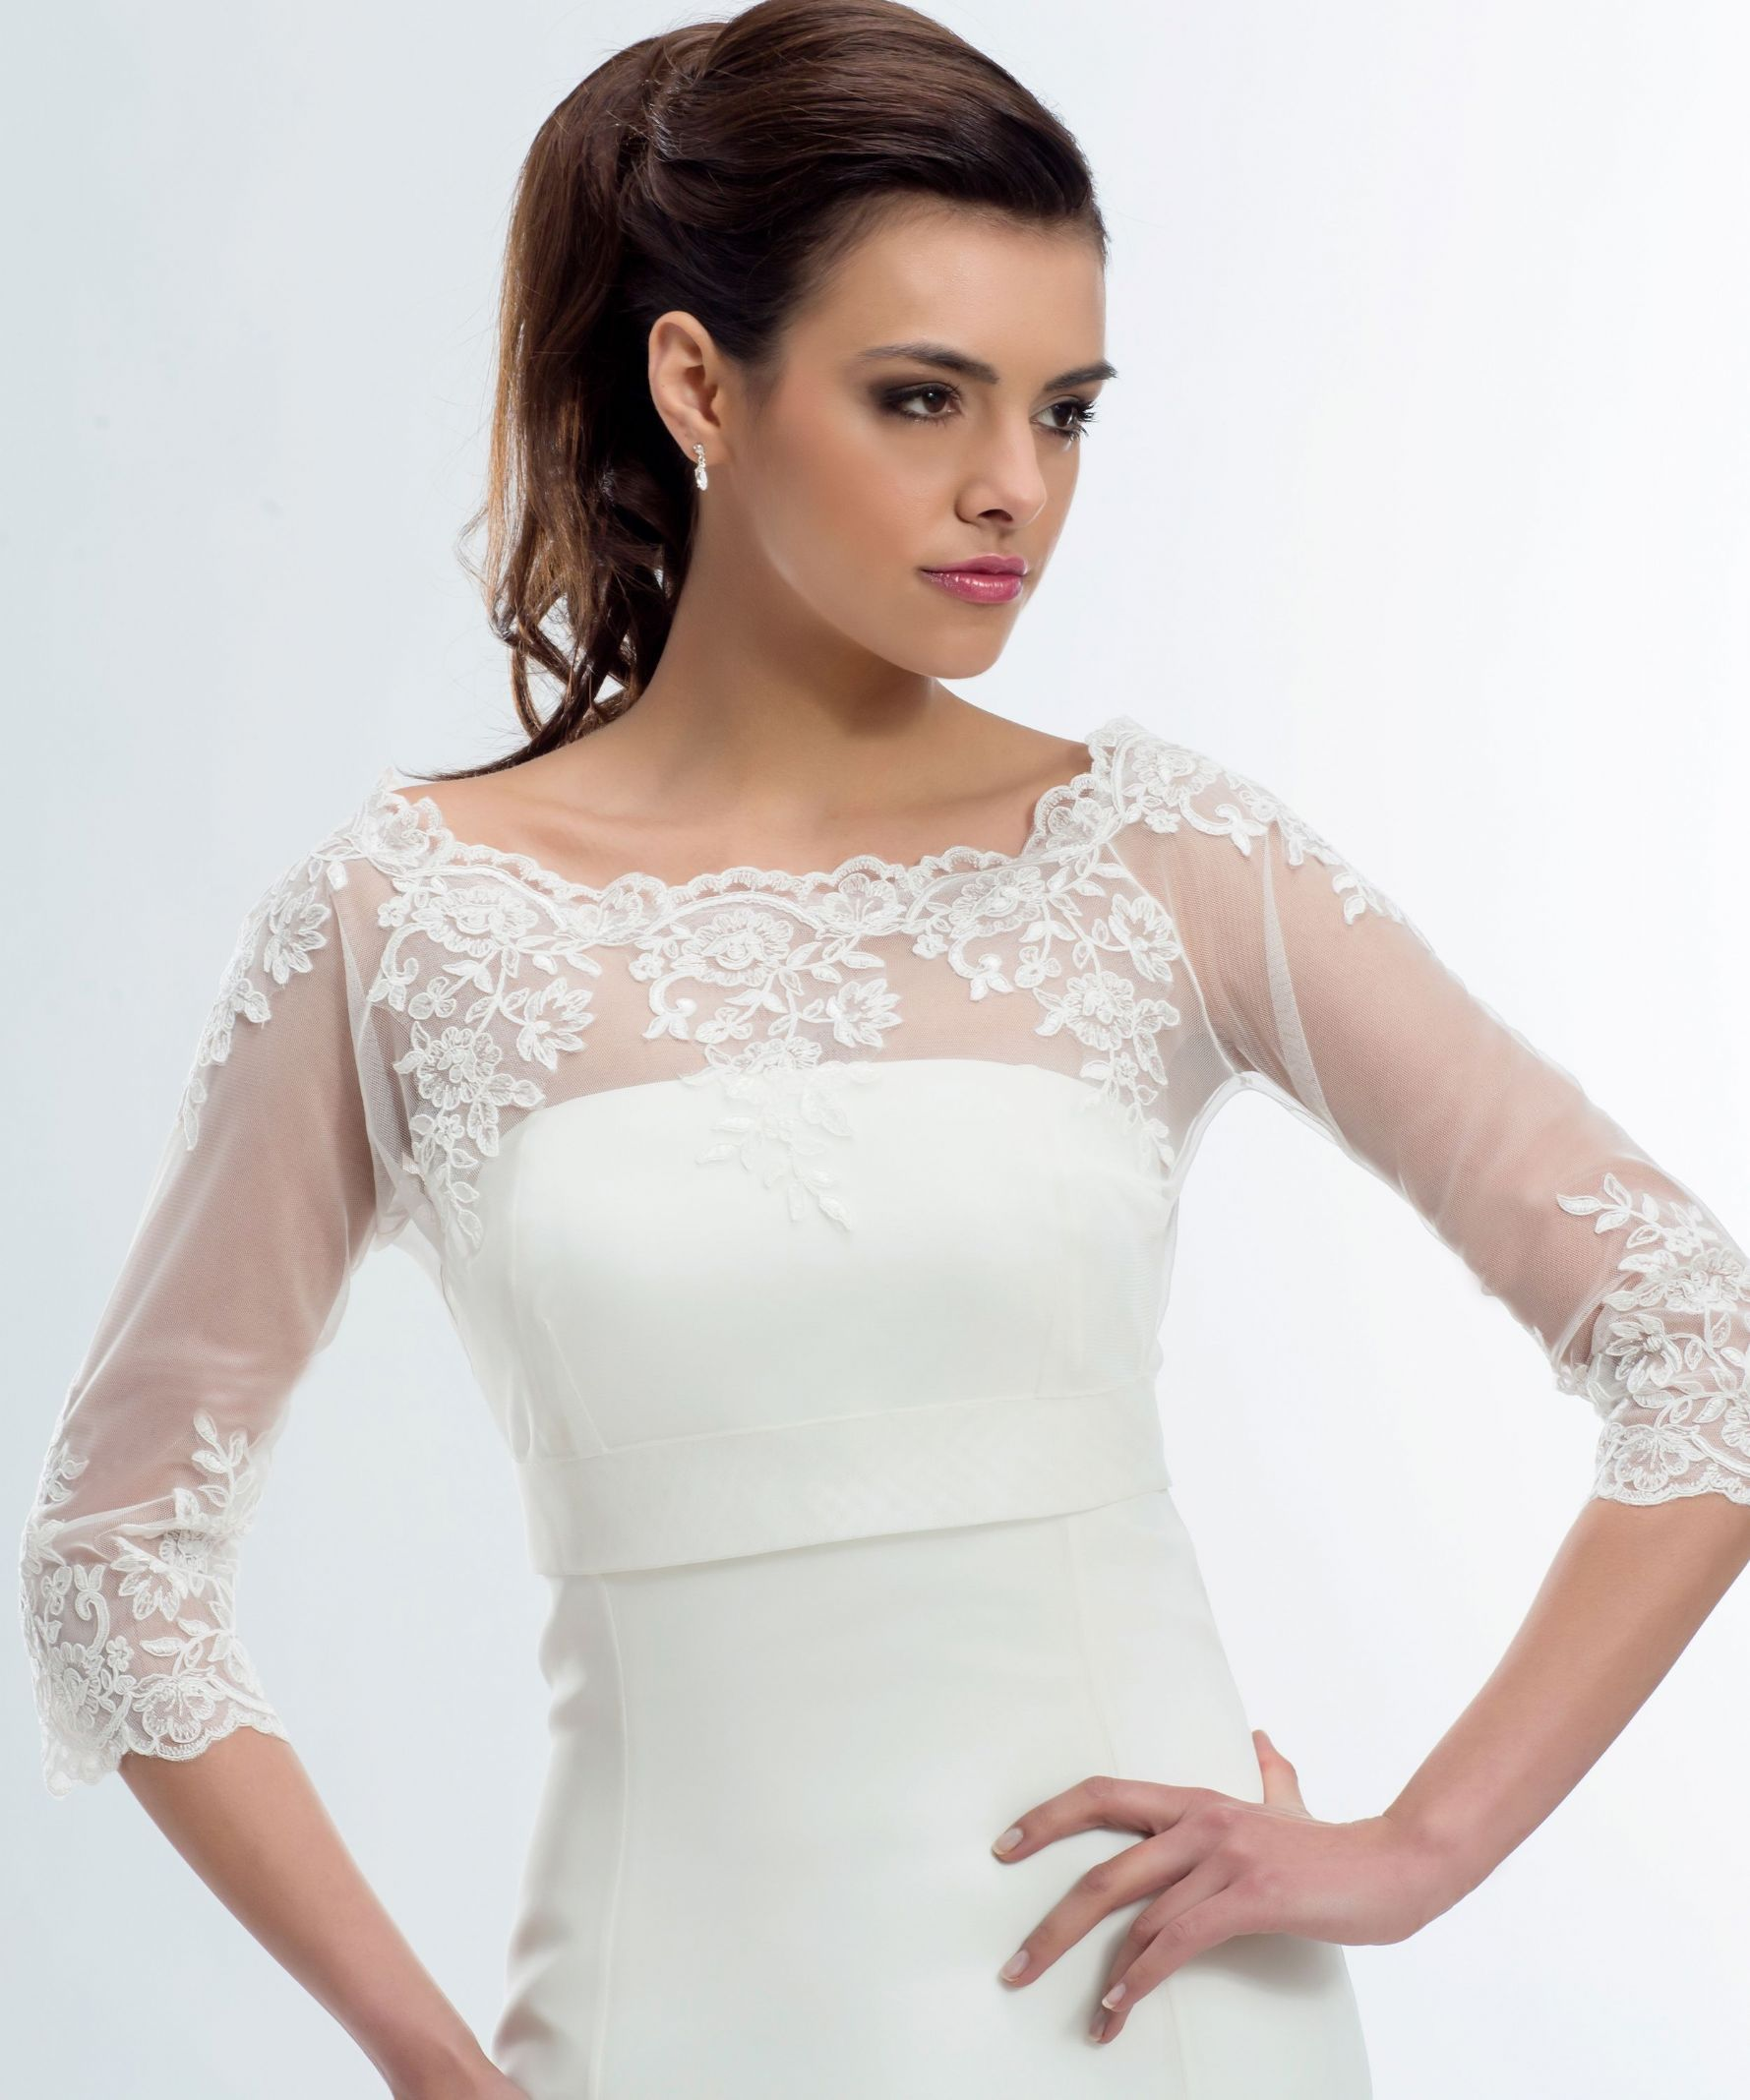 emily lace wedding bolero lace bridal jacket